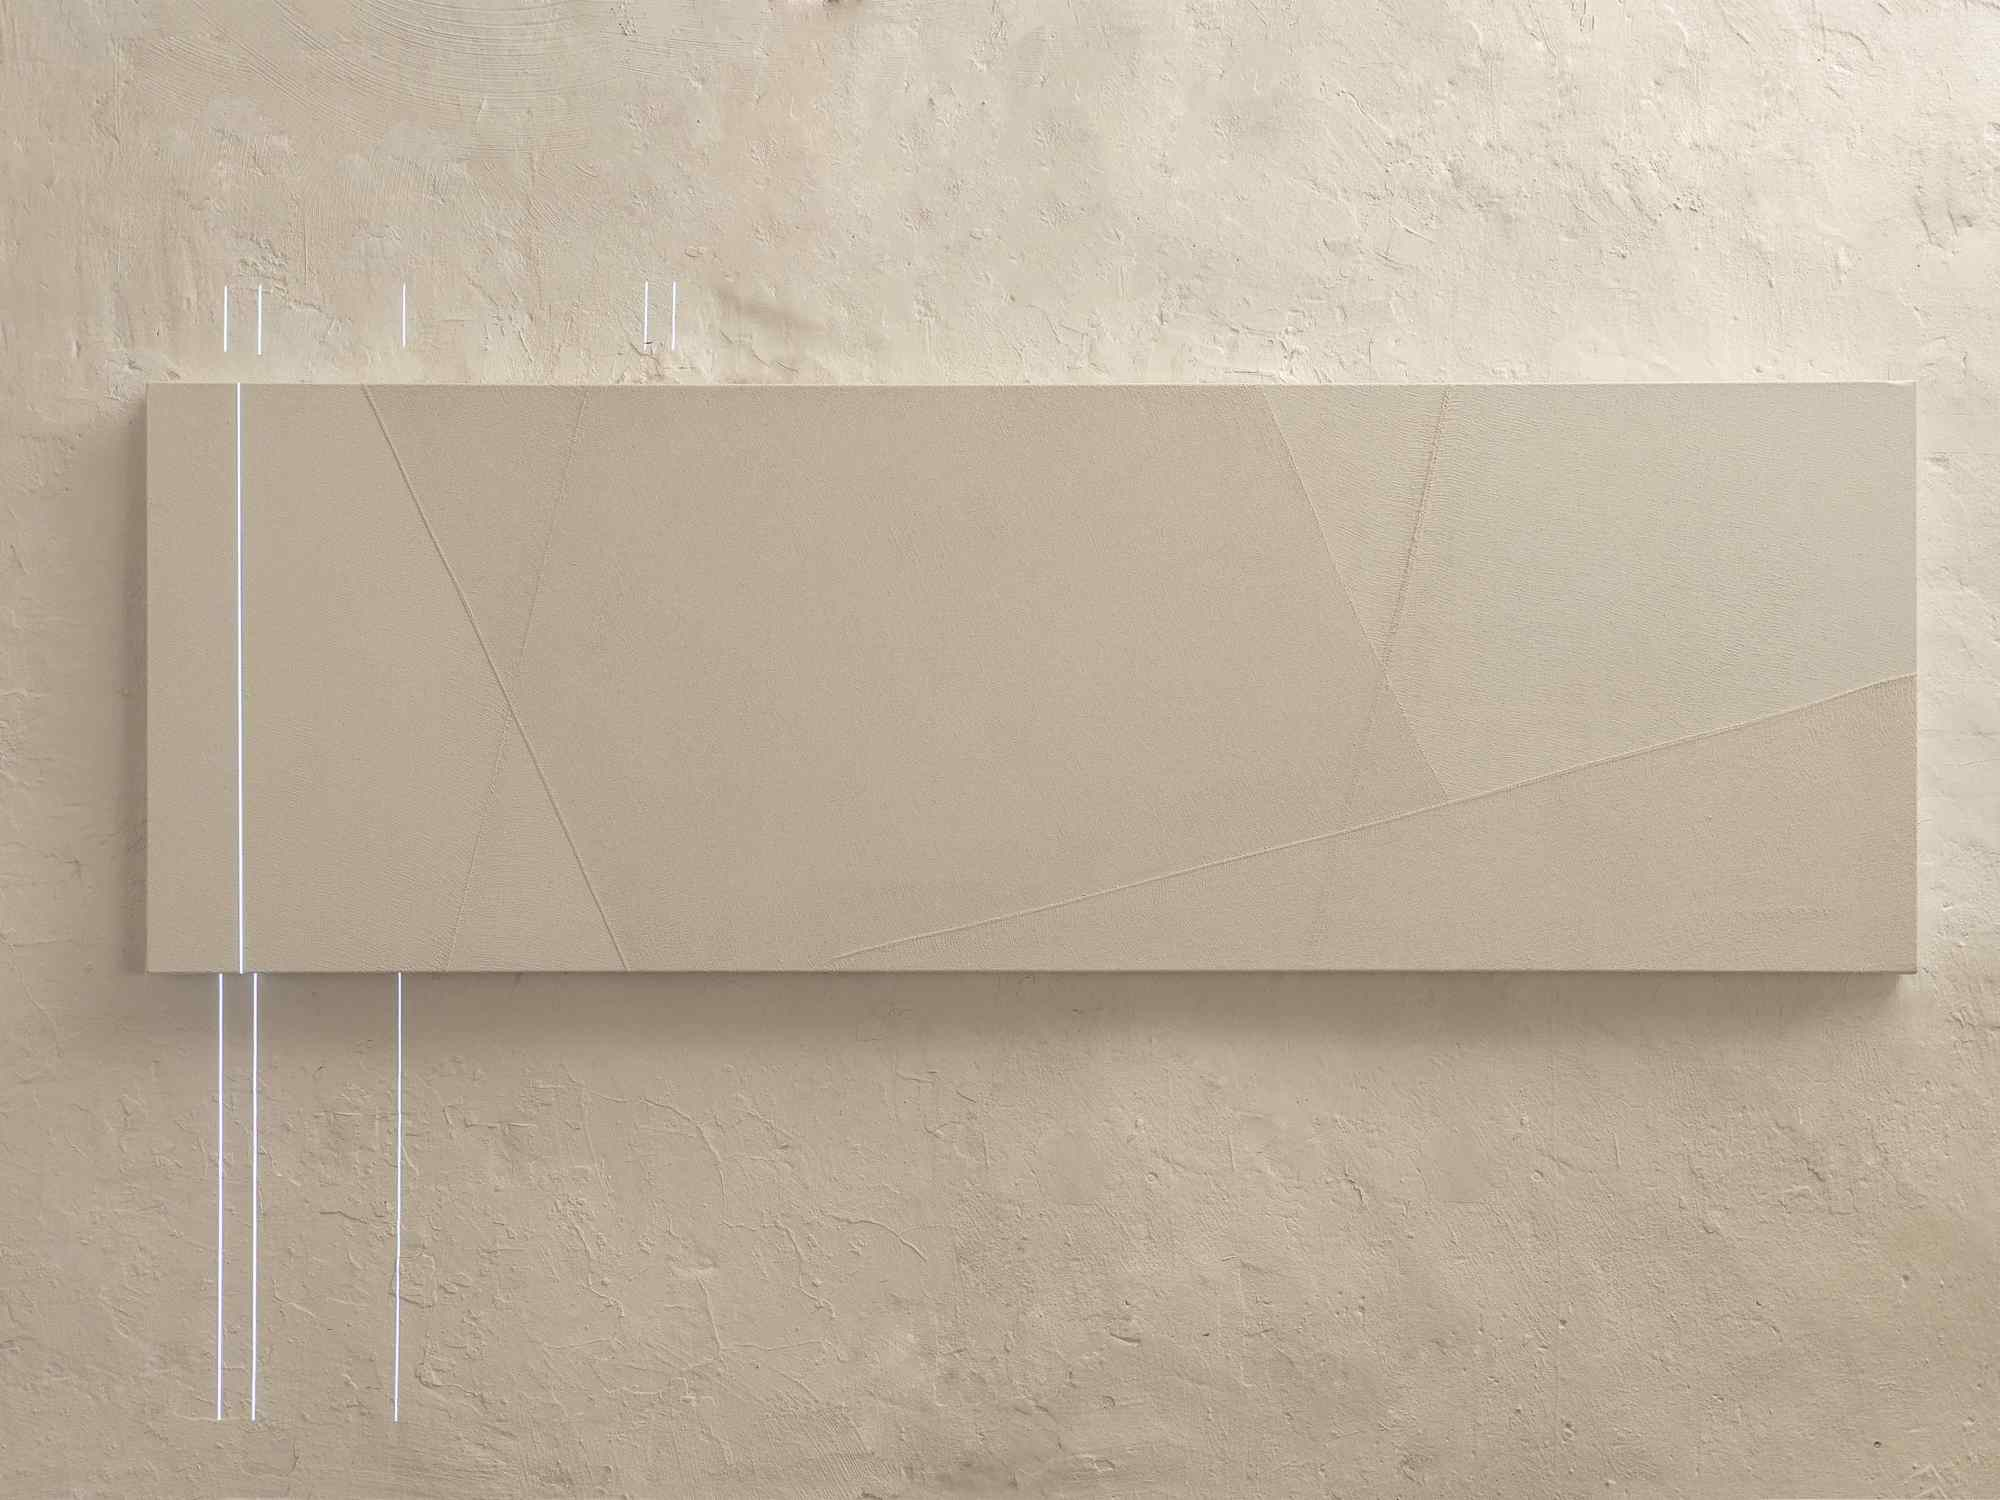 """Minus.log, Cure 02, 2016, scultura audio visiva, due elementi in legno e tempera bianca cm 100x50x25 cm ciascuno, un elemento in legno e tempera bianca cm 150x45x45, video 5':00"""" loop, proiettore, lampada lad, sound, dimensioni totali 170x181x166 cm, Courtesy Galleria Bianconi"""